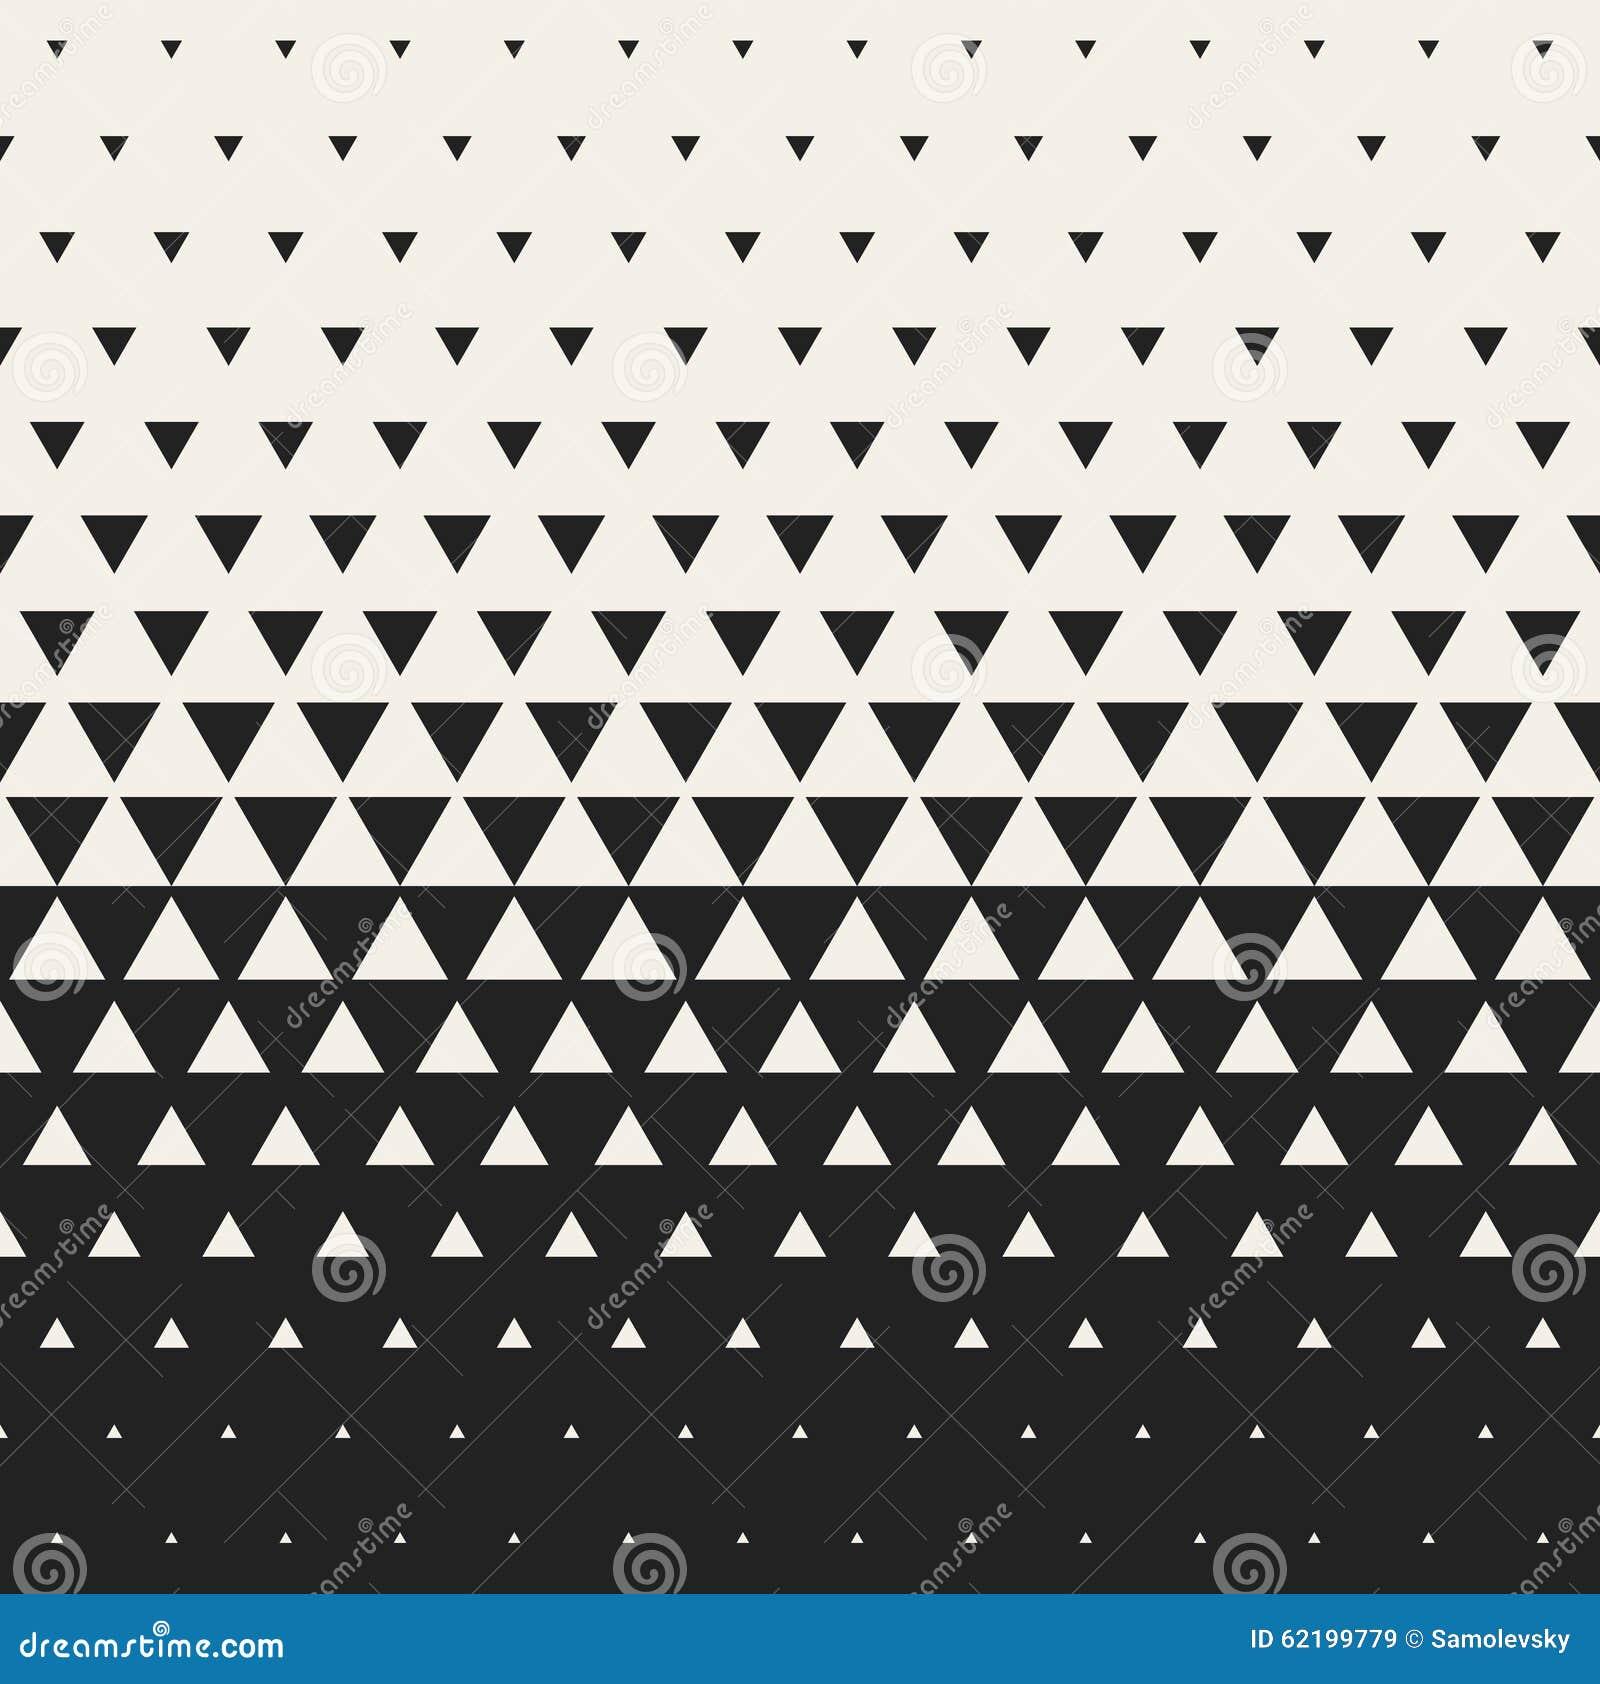 Bakgrund för rastrerad för raster för triangel för vektor sömlös svartvit Morphing geometrisk modell för lutning